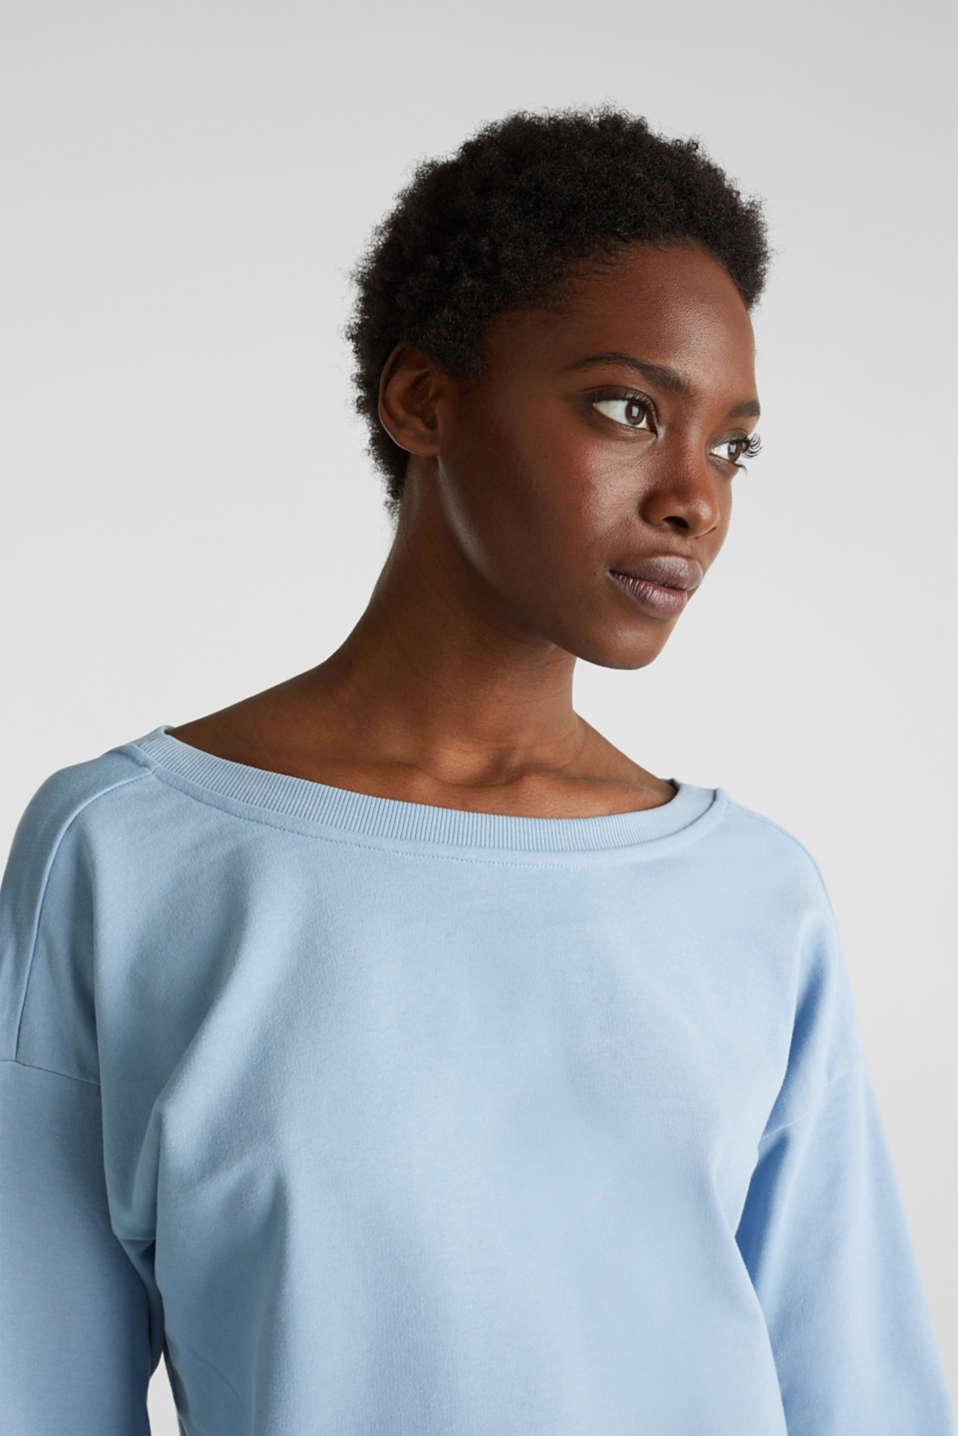 Sweatshirt with a back neckline, LIGHT BLUE, detail image number 6